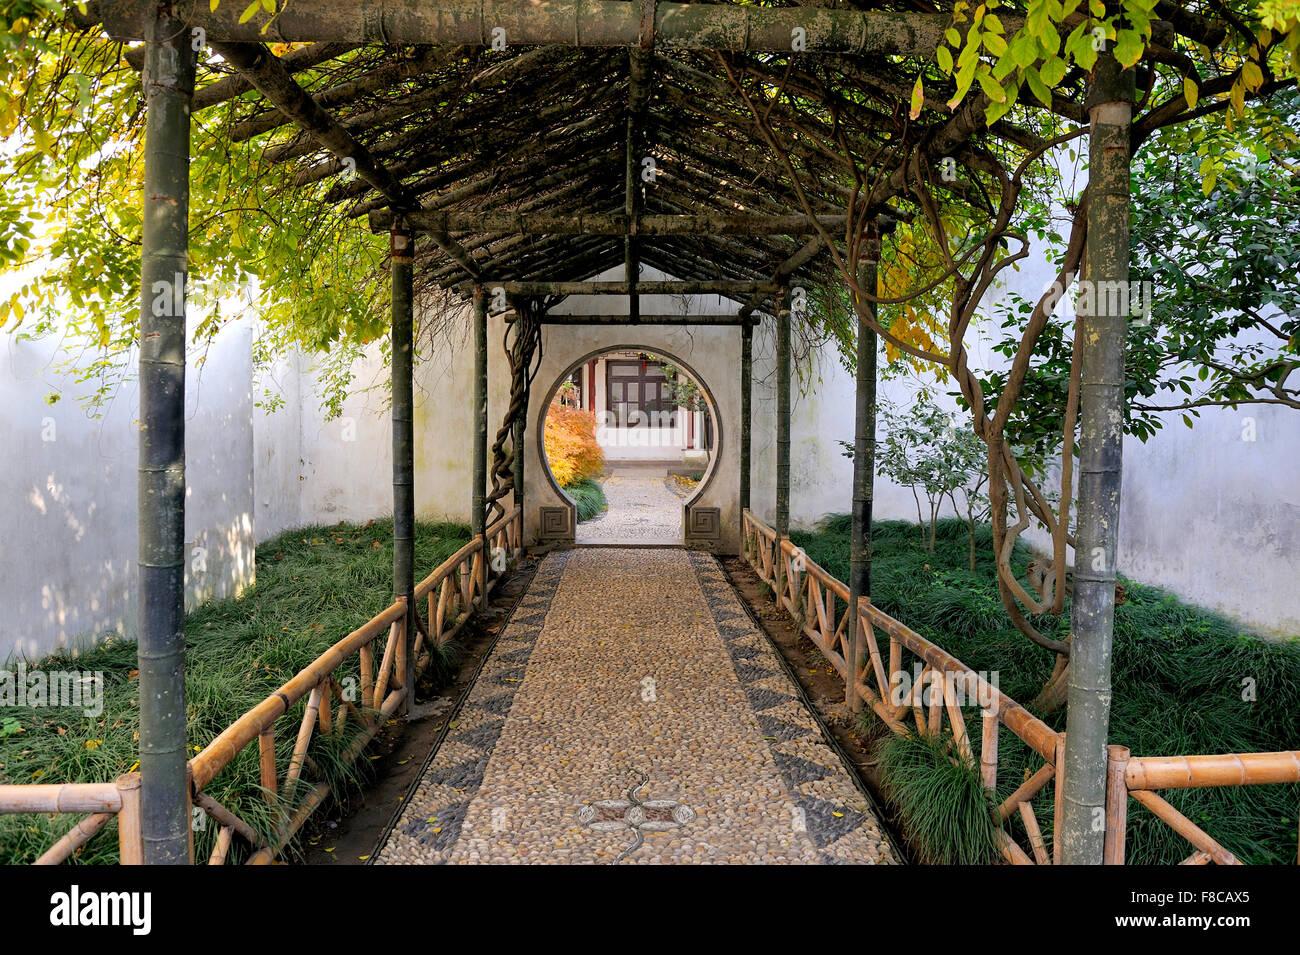 Giardino dell'umile amministratore , Suzhou, Cina. Questo è un sito Patrimonio Mondiale dell'UNESCO Immagini Stock